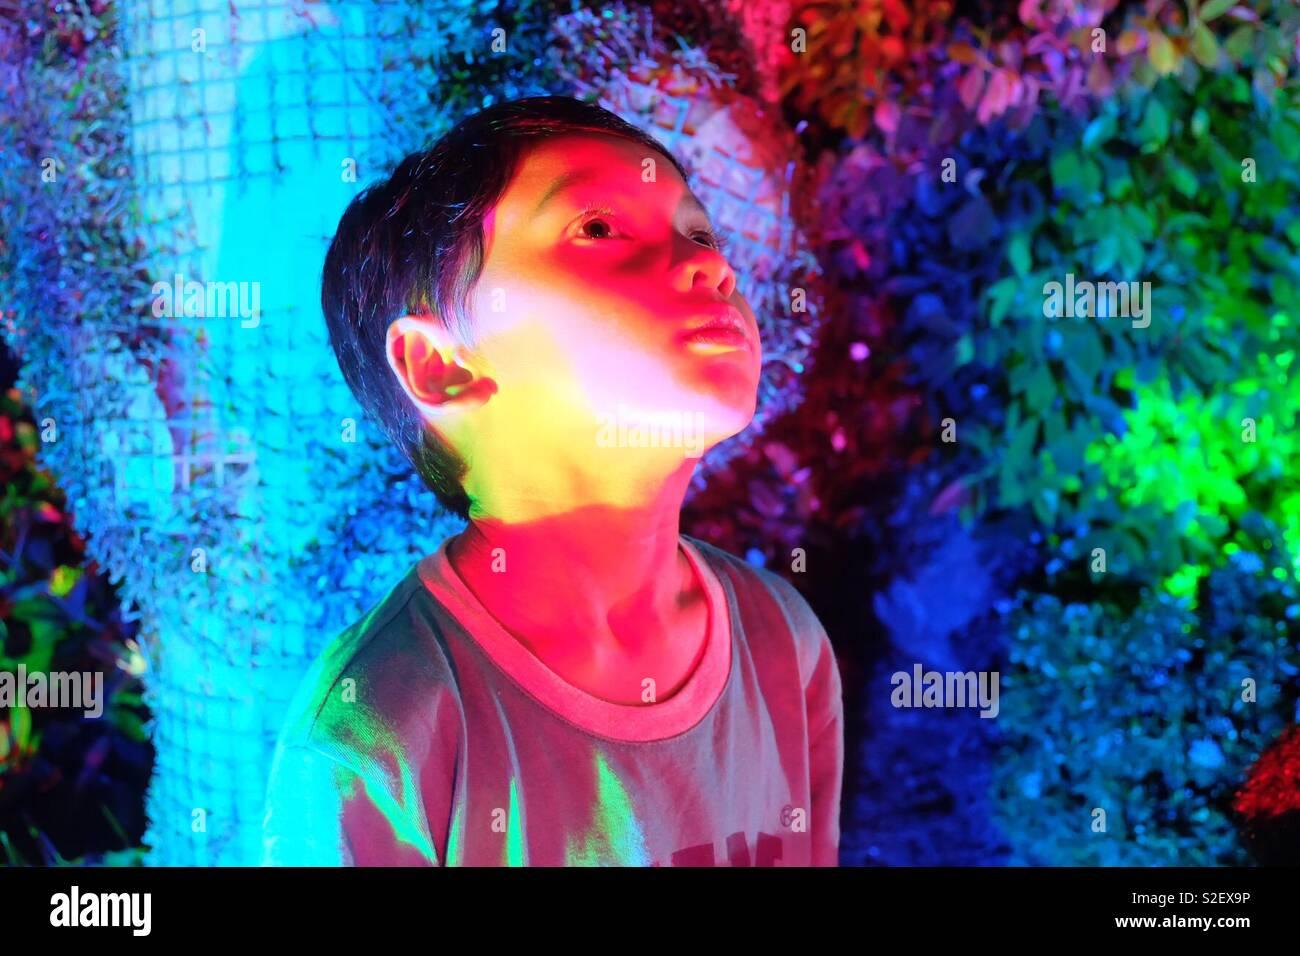 Garçon couleurs néon Banque D'Images